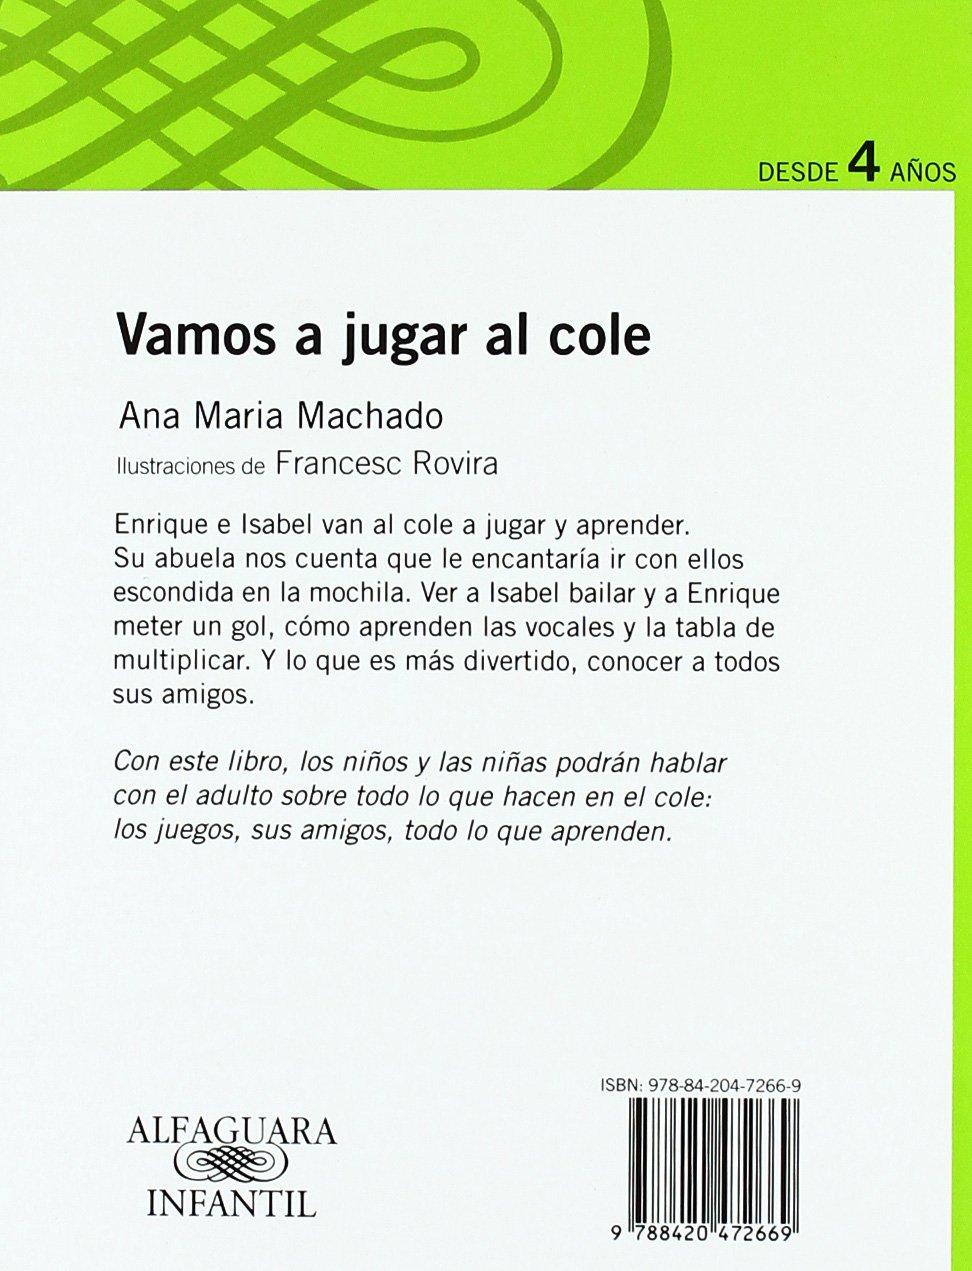 VAMOS A JUGAR AL COLE (Infantil Verde Album): ANA MARIA MARTINS MACHADO: 9788420472669: Amazon.com: Books